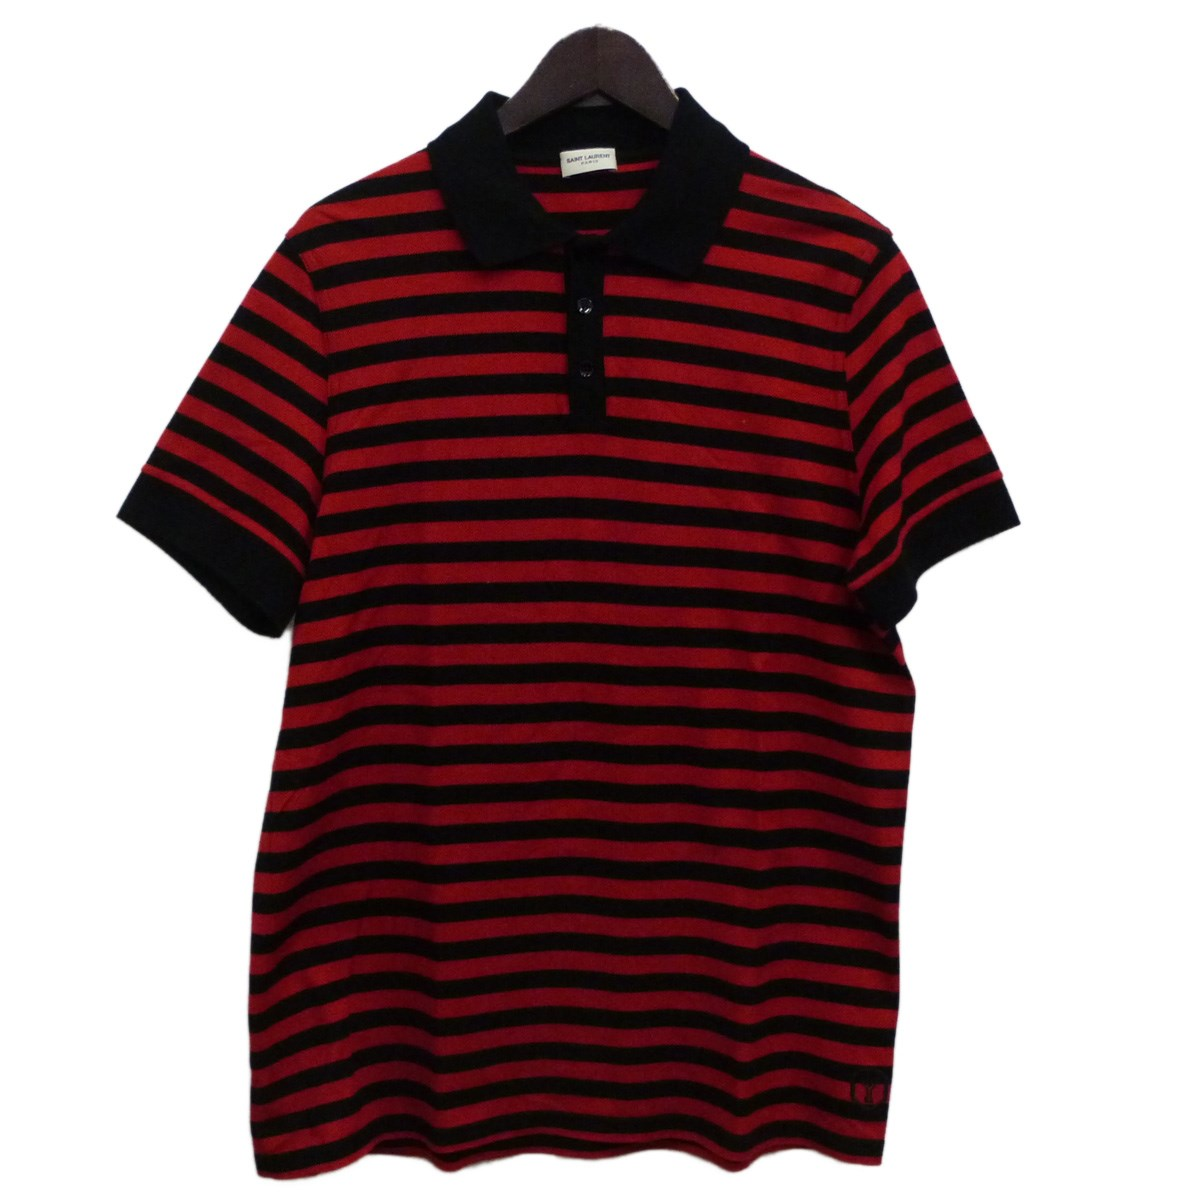 【中古】SAINT LAURENT PARIS 17AWボーダー半袖ポロシャツ レッド×ブラック サイズ:L 【280420】(サンローランパリ)